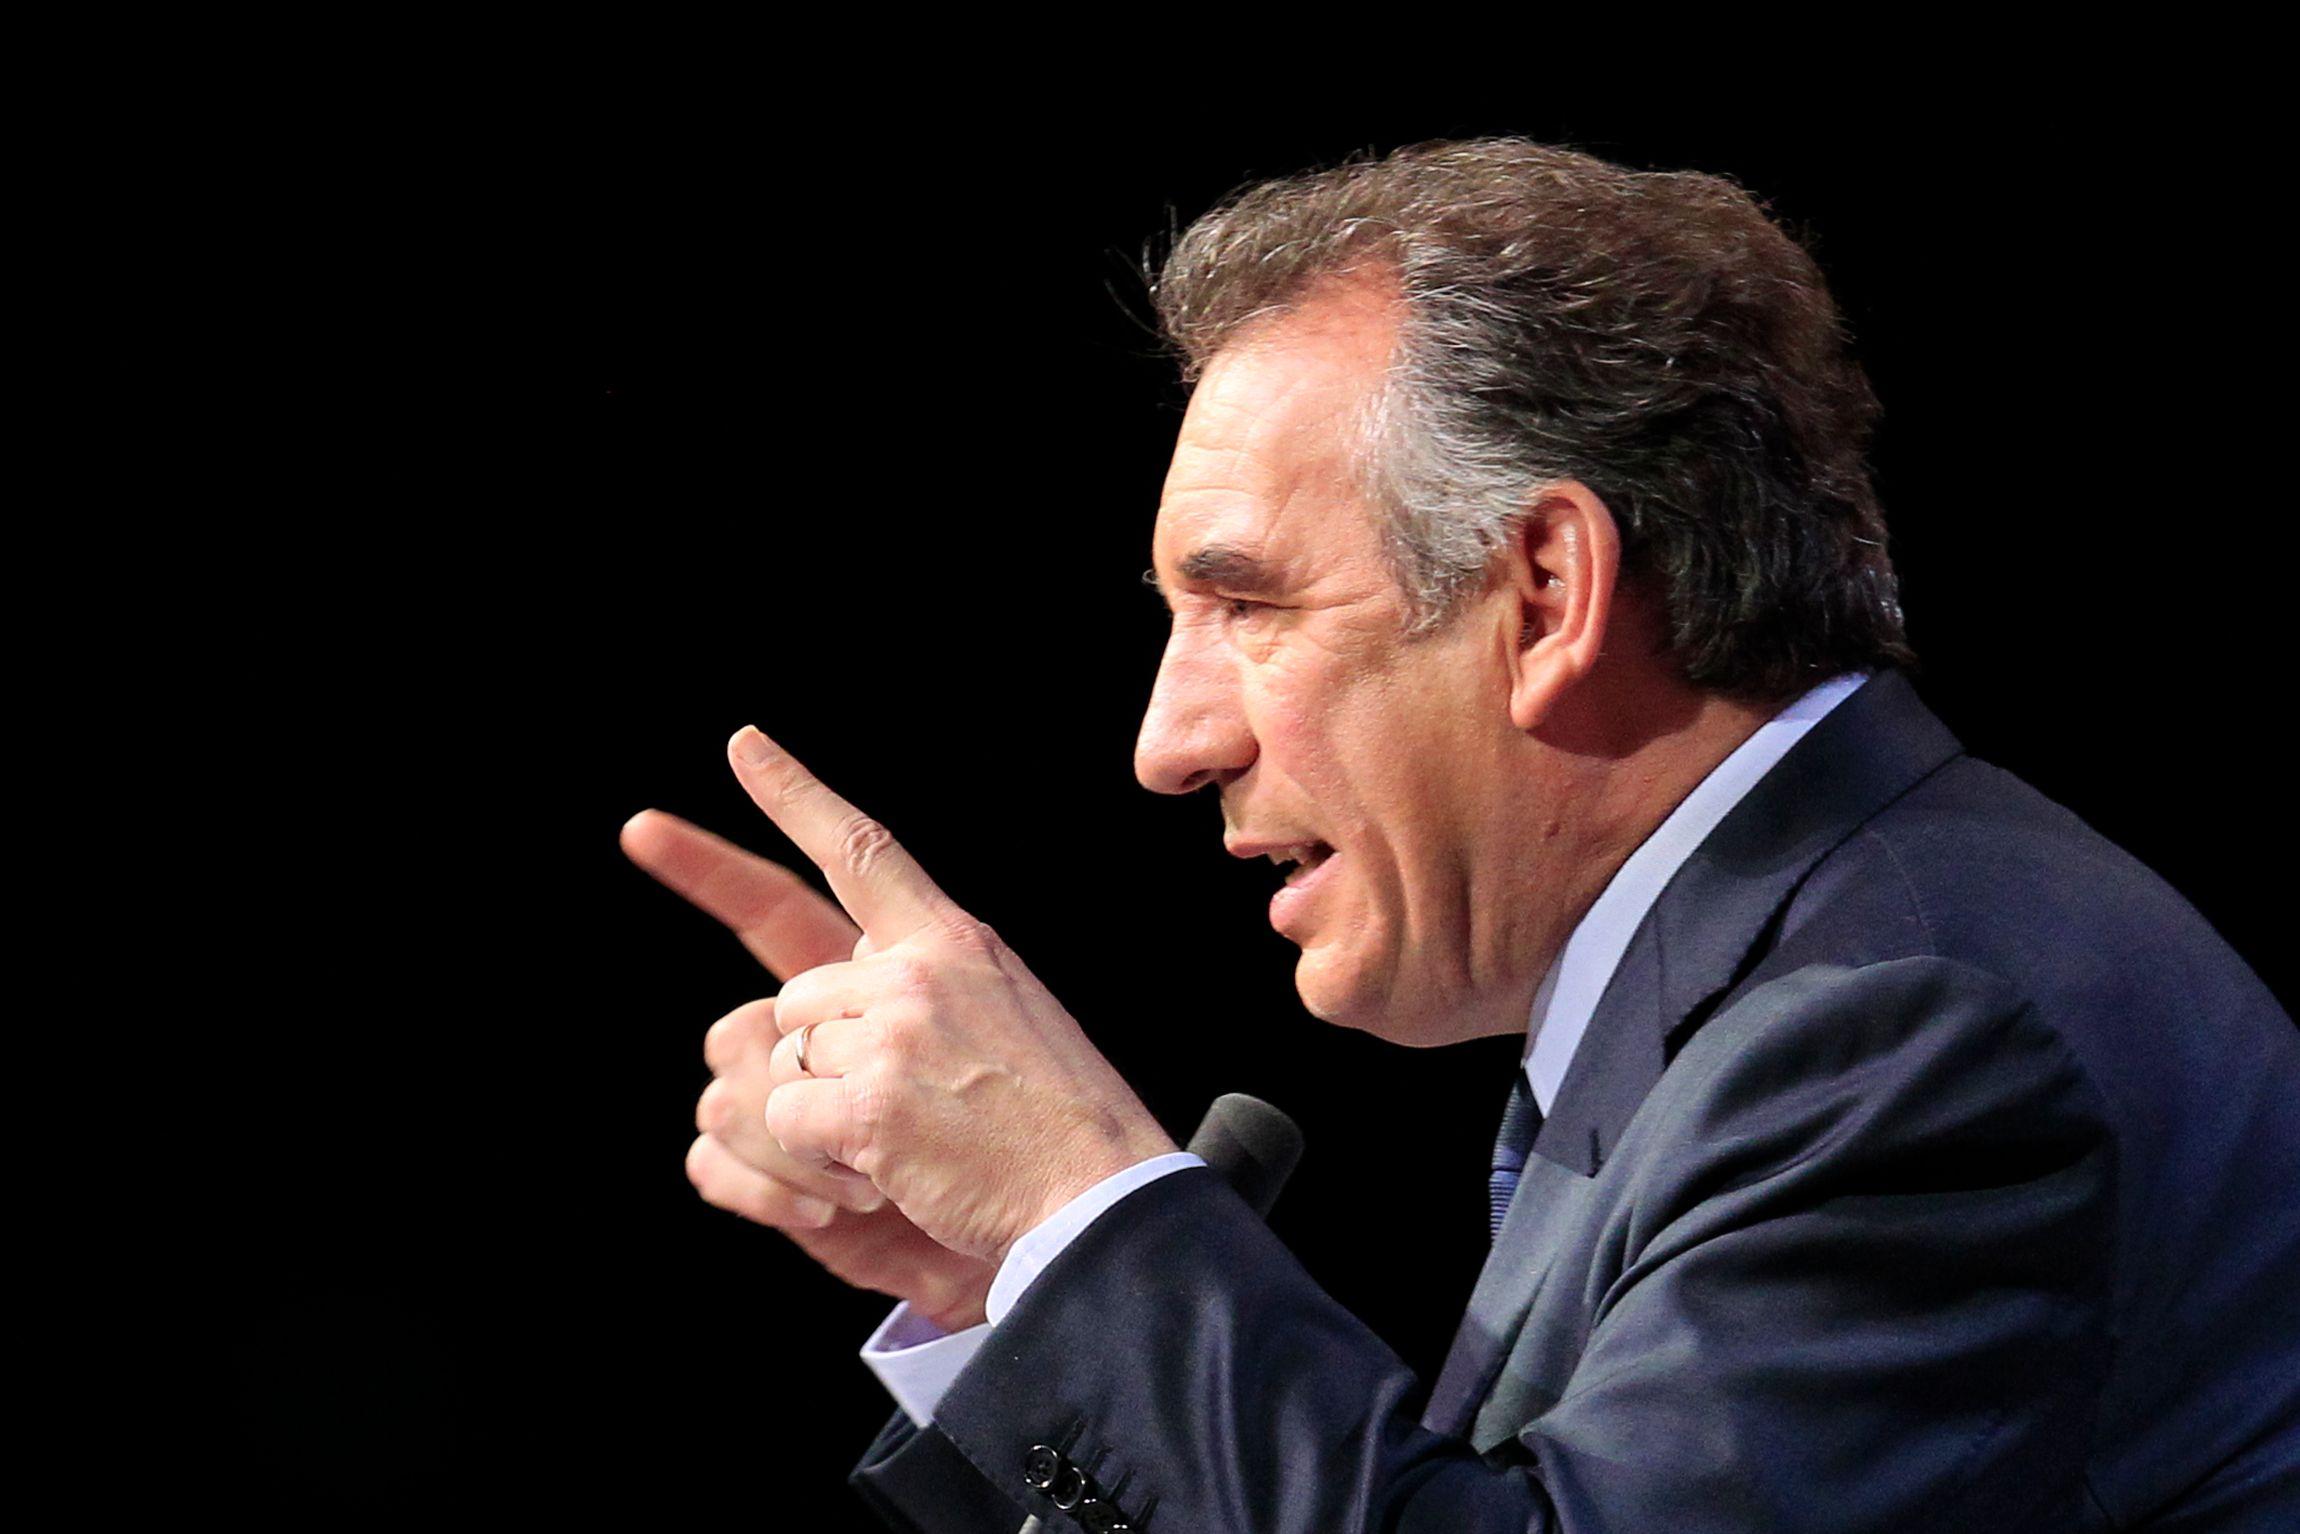 François Bayrou, le clandestin des sondages : pas déclaré mais réclamé ?